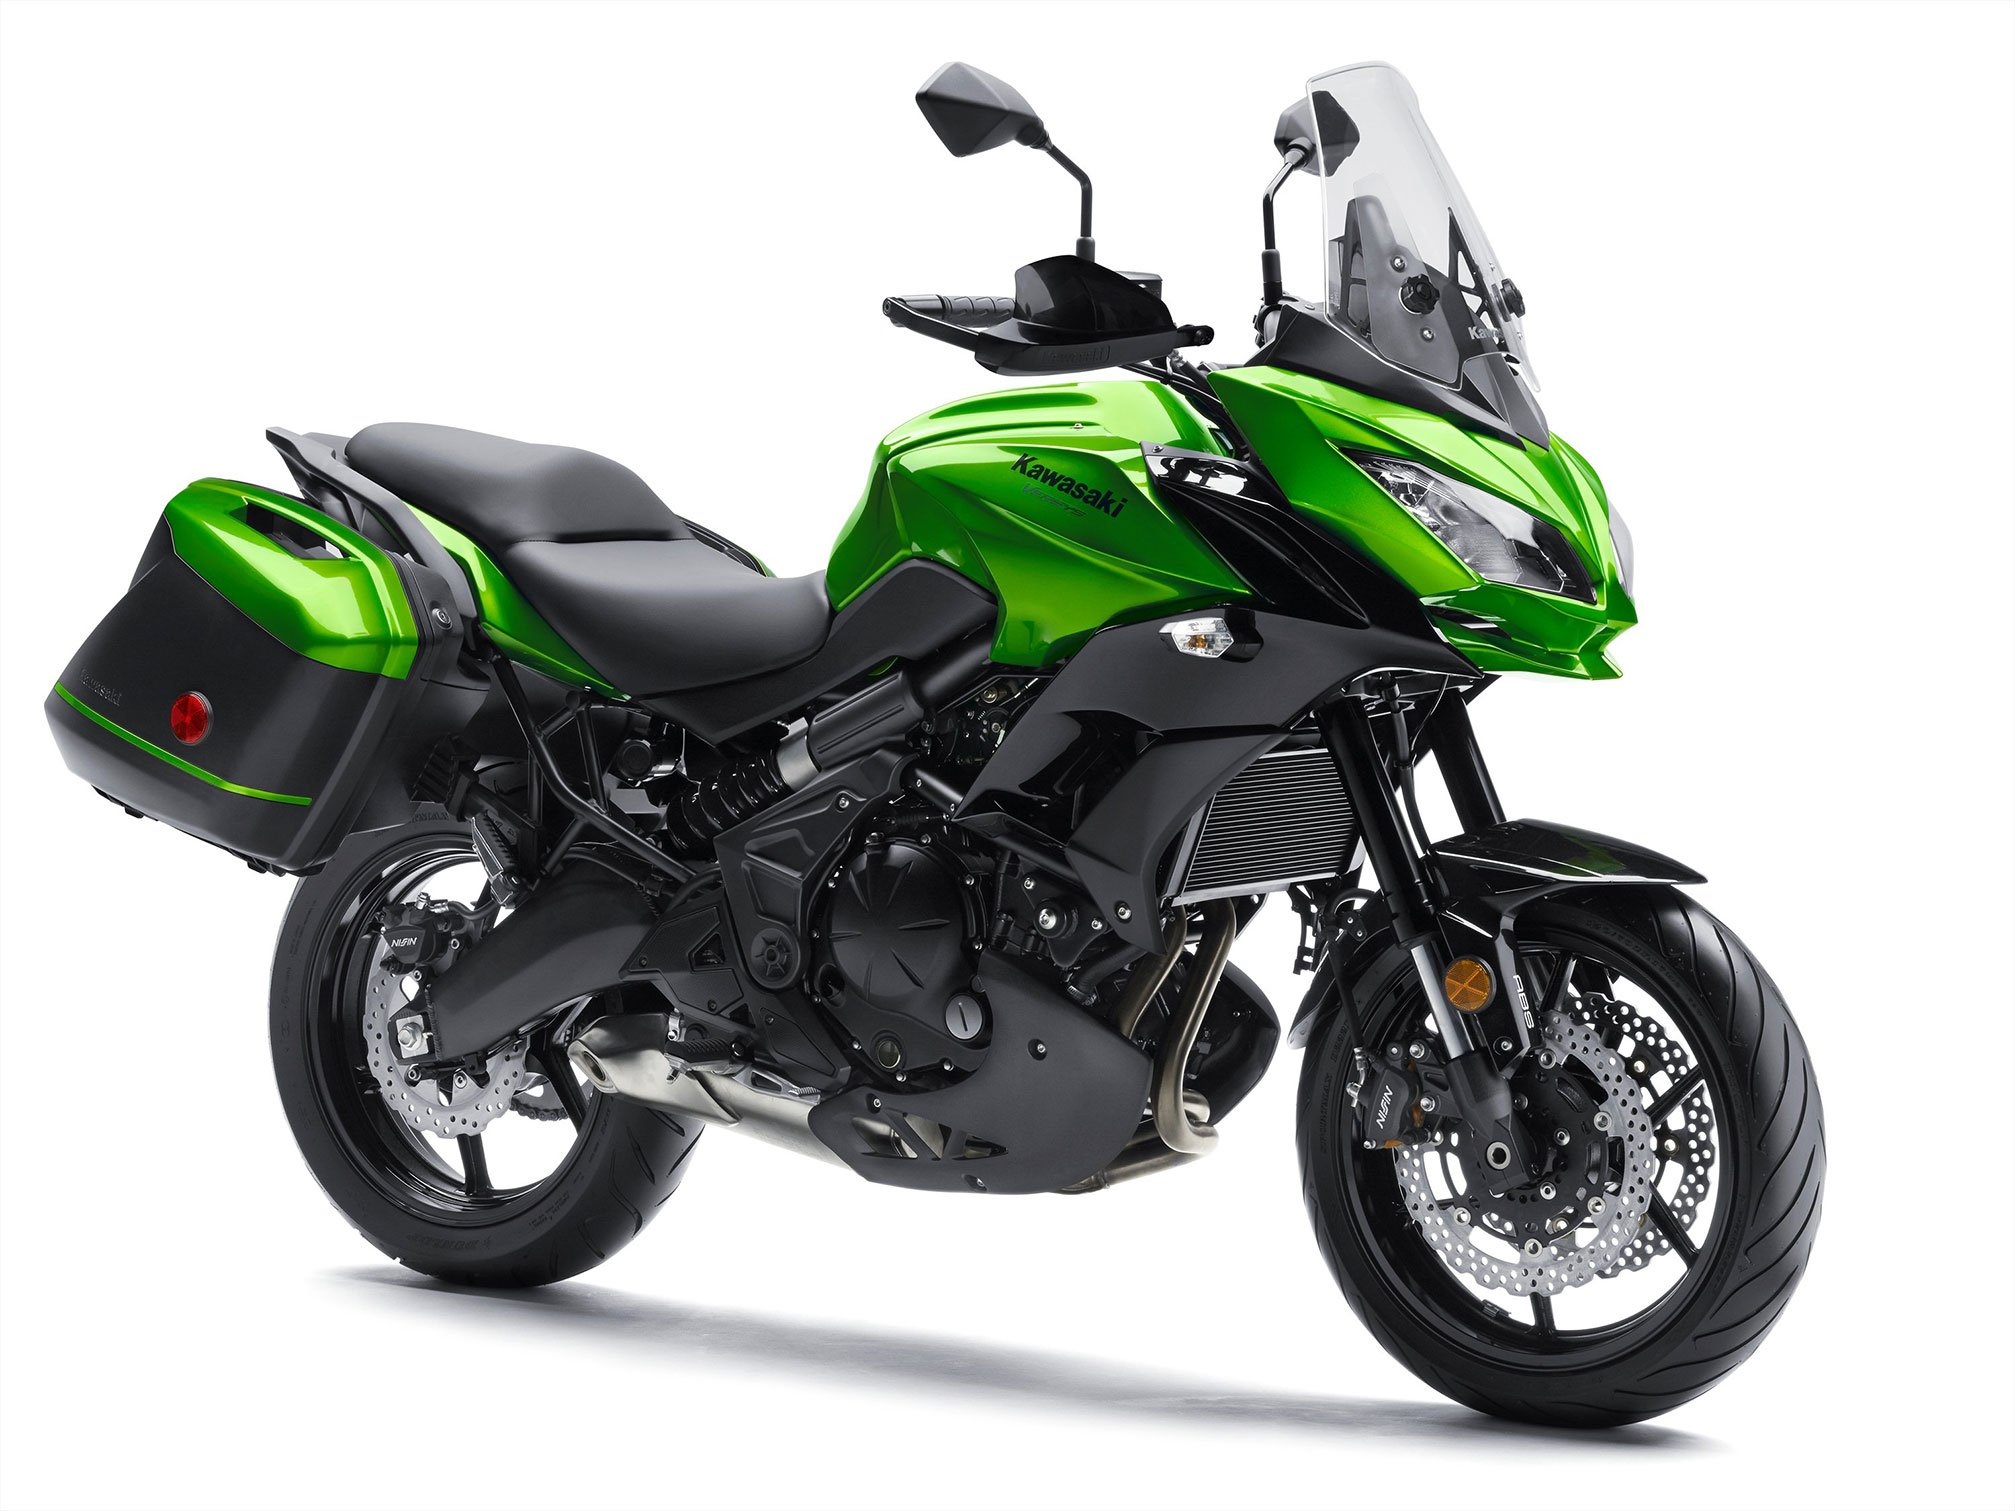 2015 Kawasaki Versys 650 L-T Wallpaper